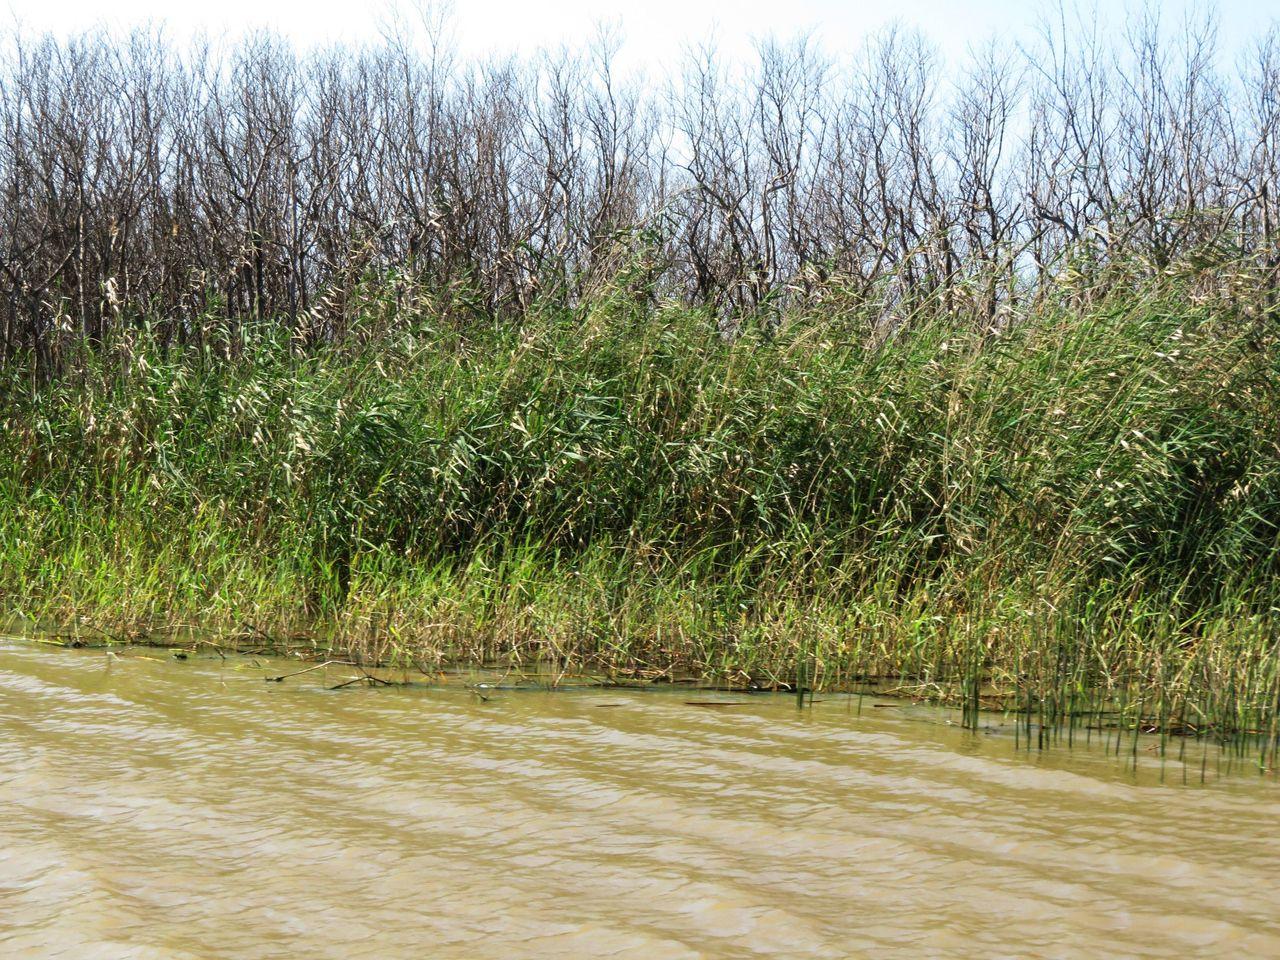 3001-Mangroves.JPG